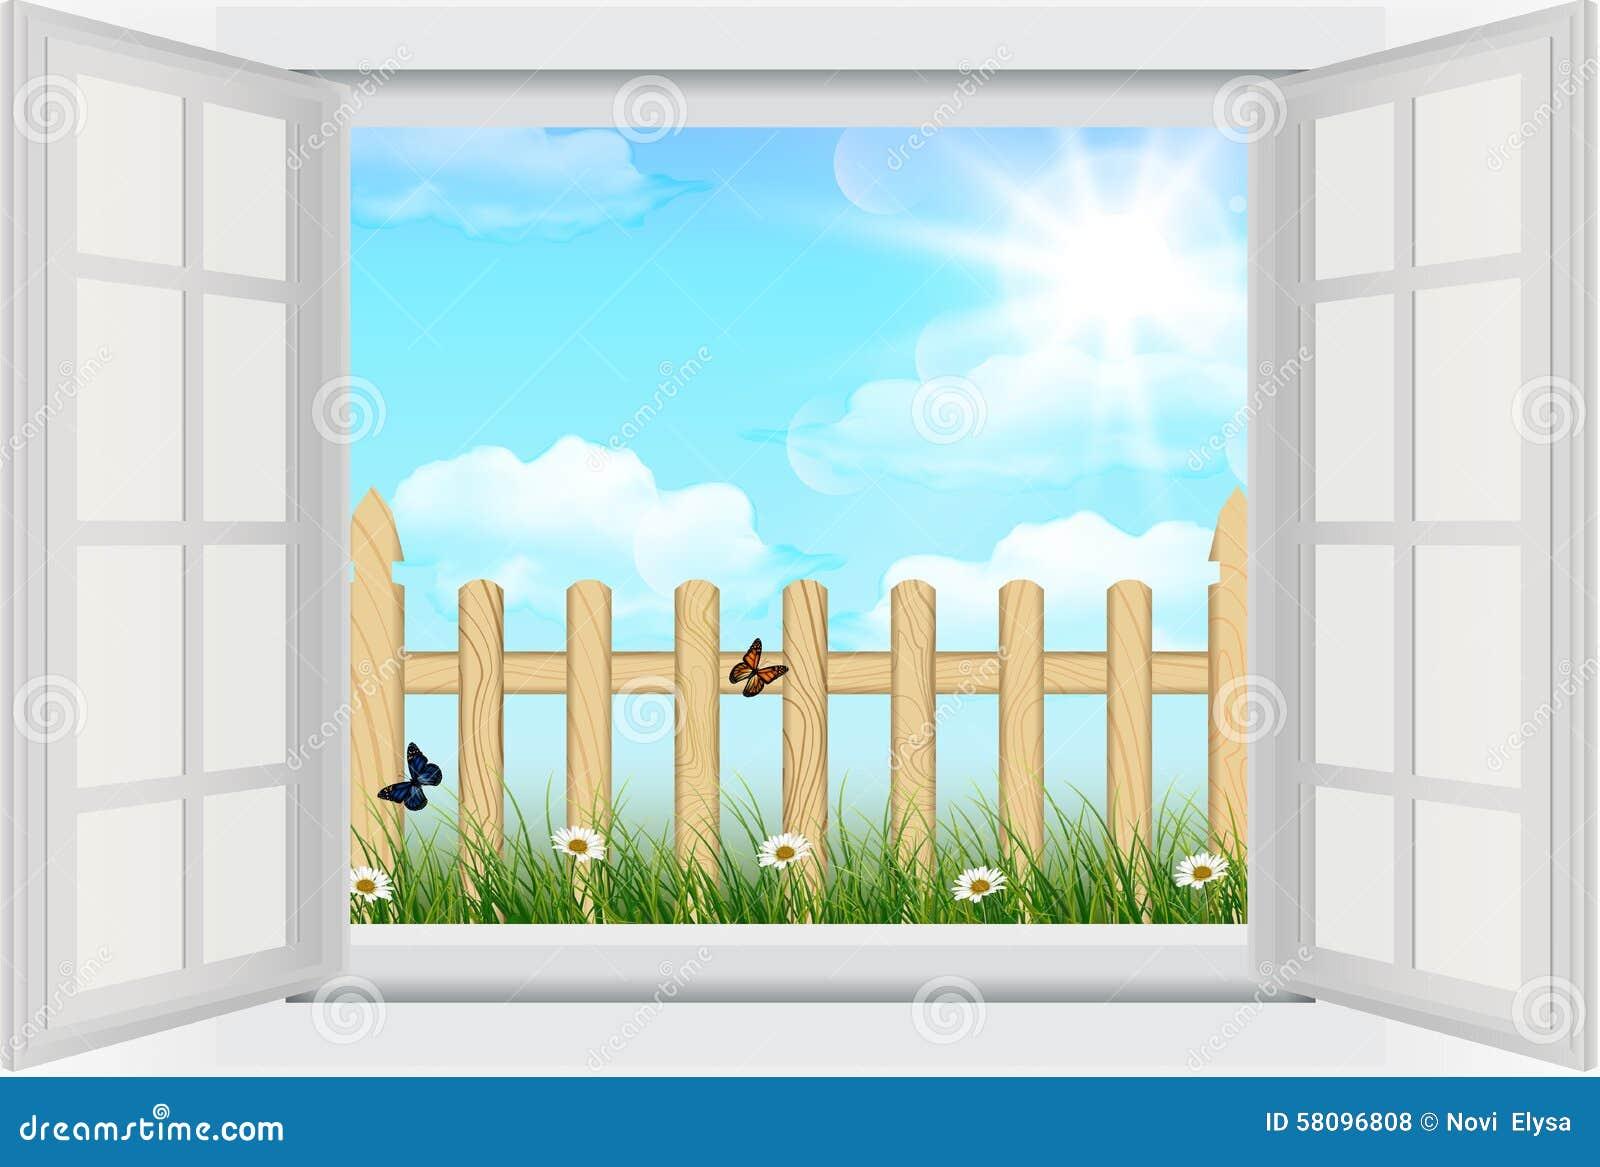 fen tre ouverte avec le fond de ressort l 39 herbe et la barri re en bois illustration de vecteur. Black Bedroom Furniture Sets. Home Design Ideas